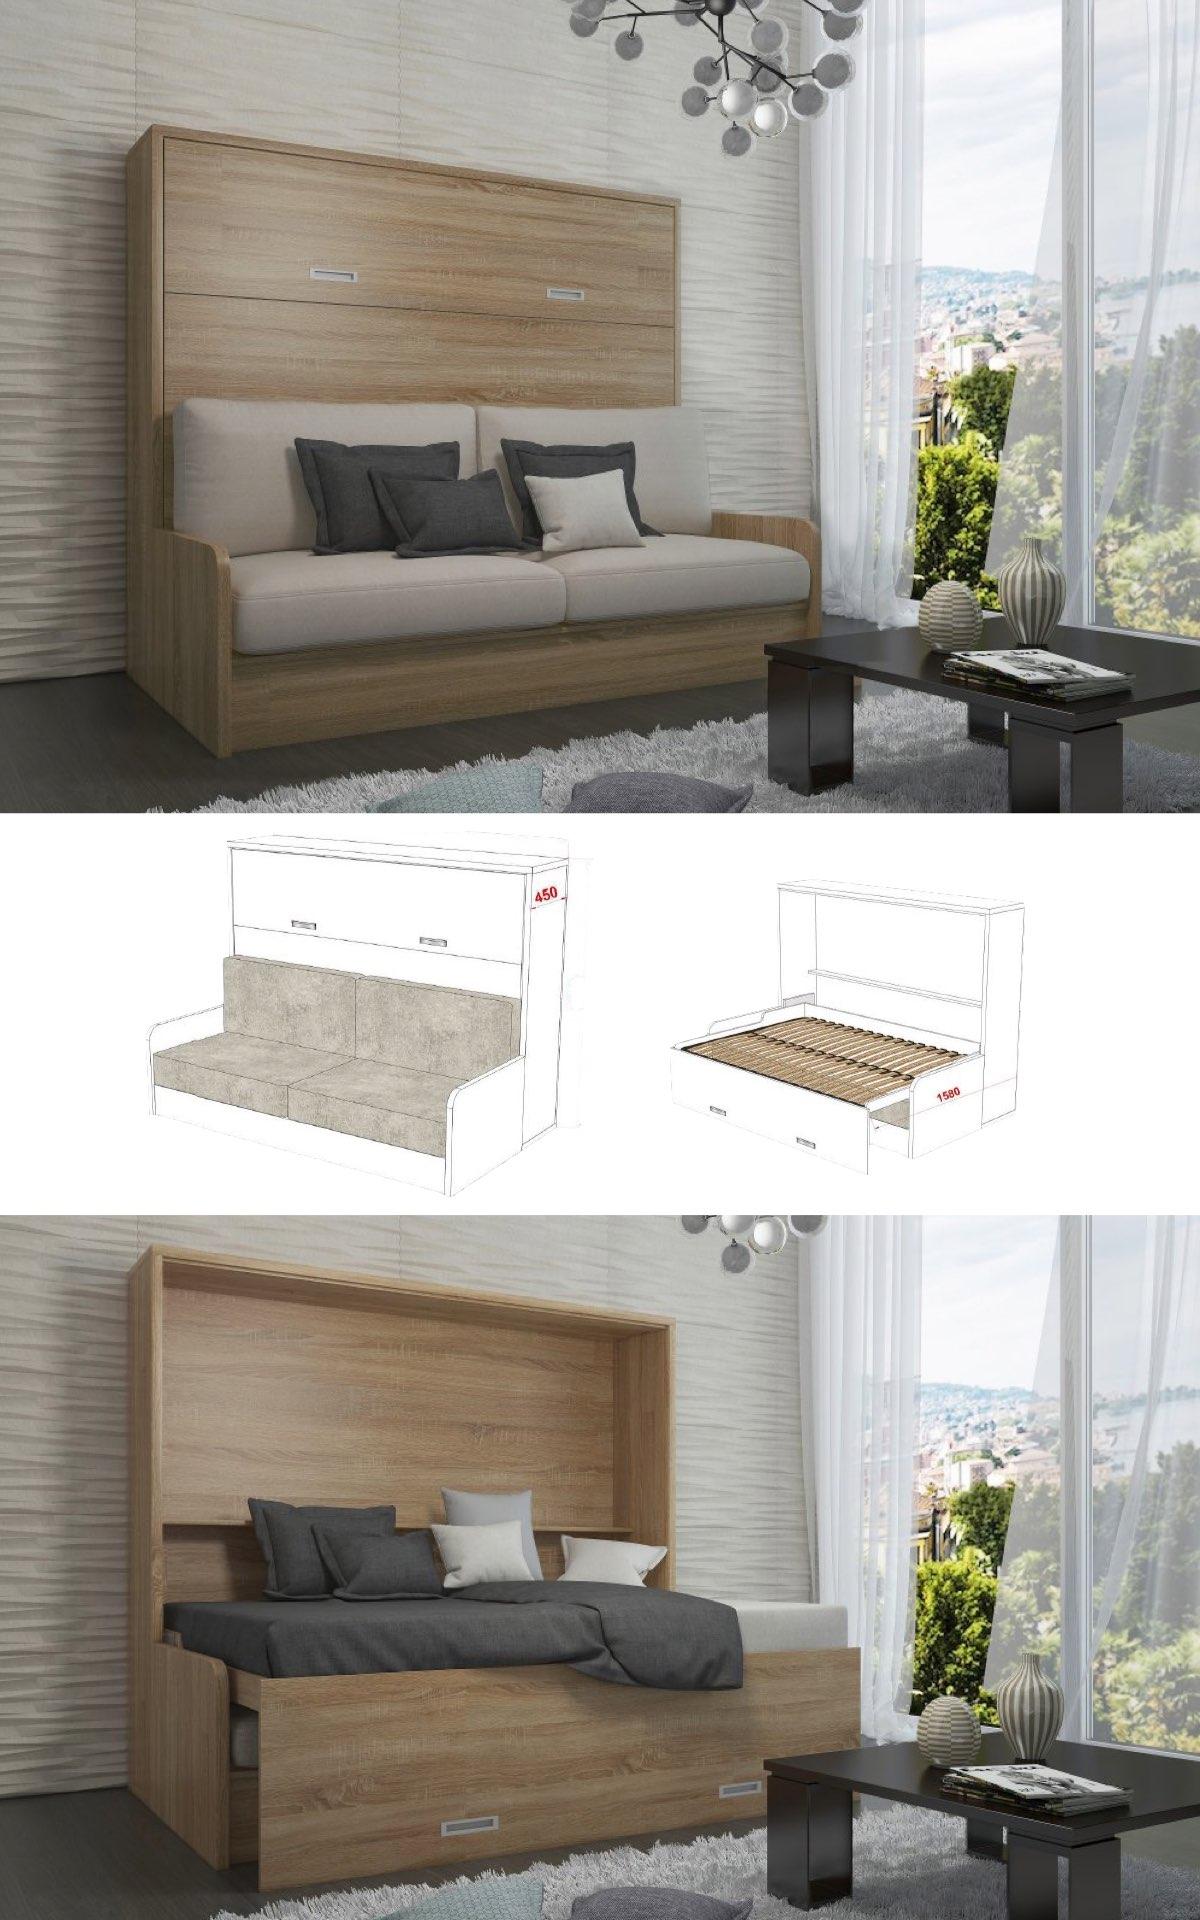 black friday 2020 décoration meuble lit placard bois scandinave